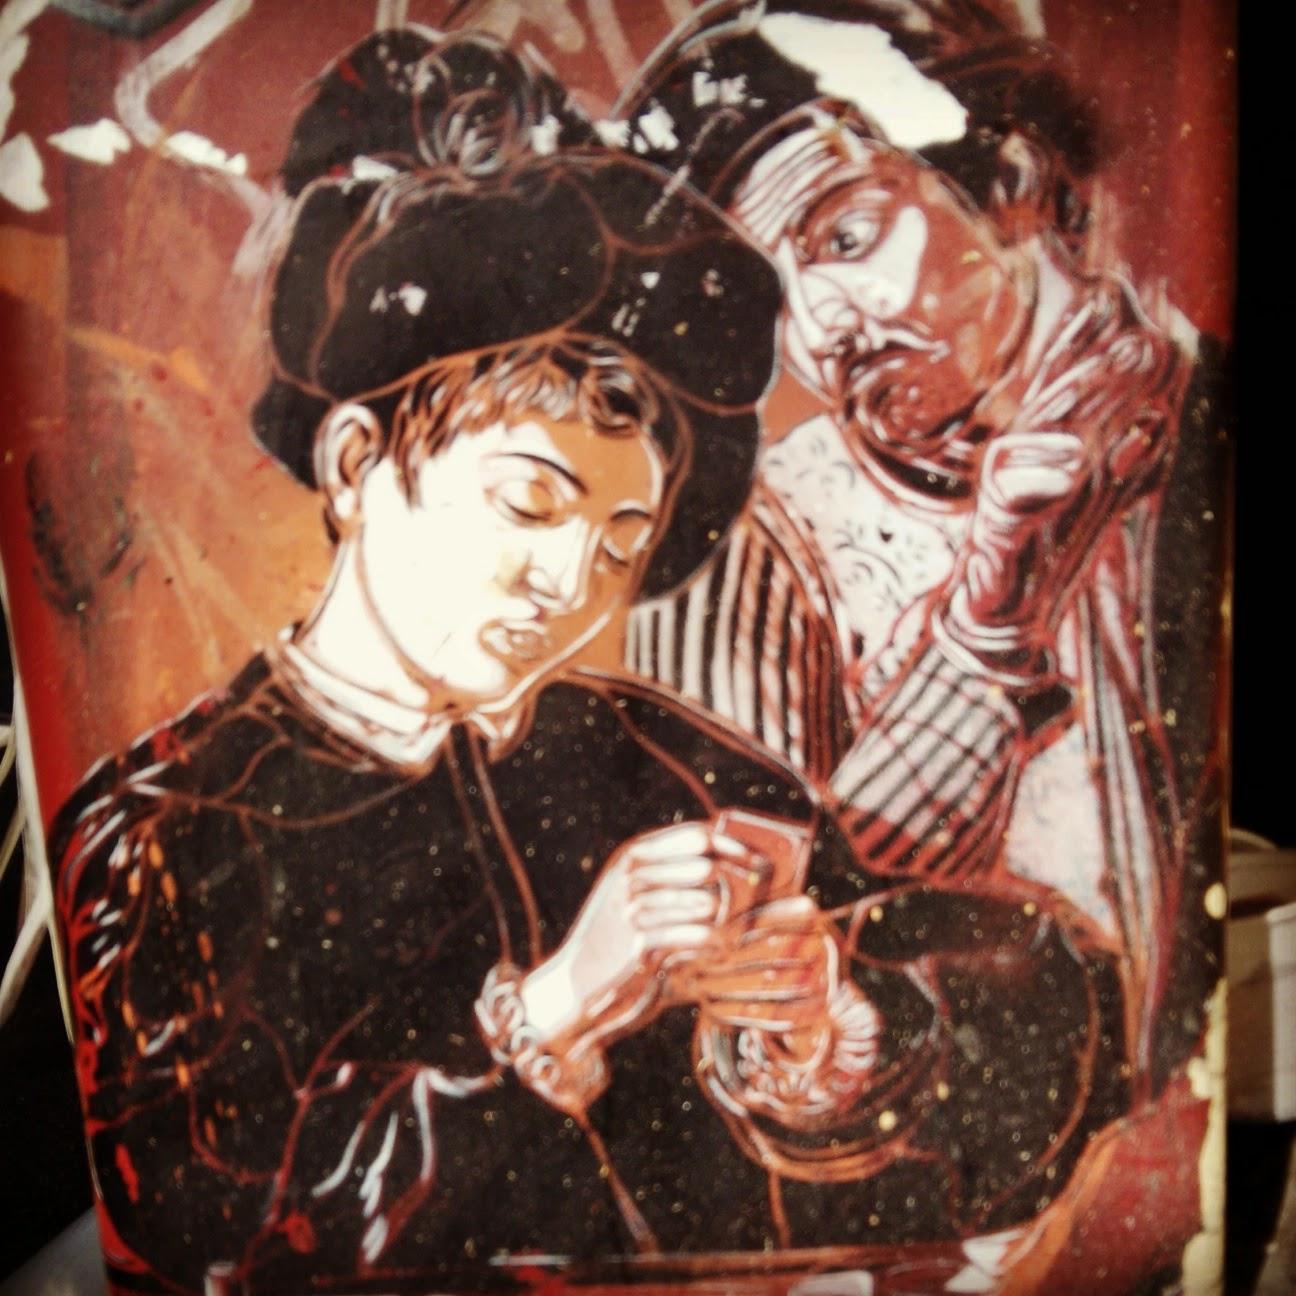 caravaggio grafiti - Caravaggio